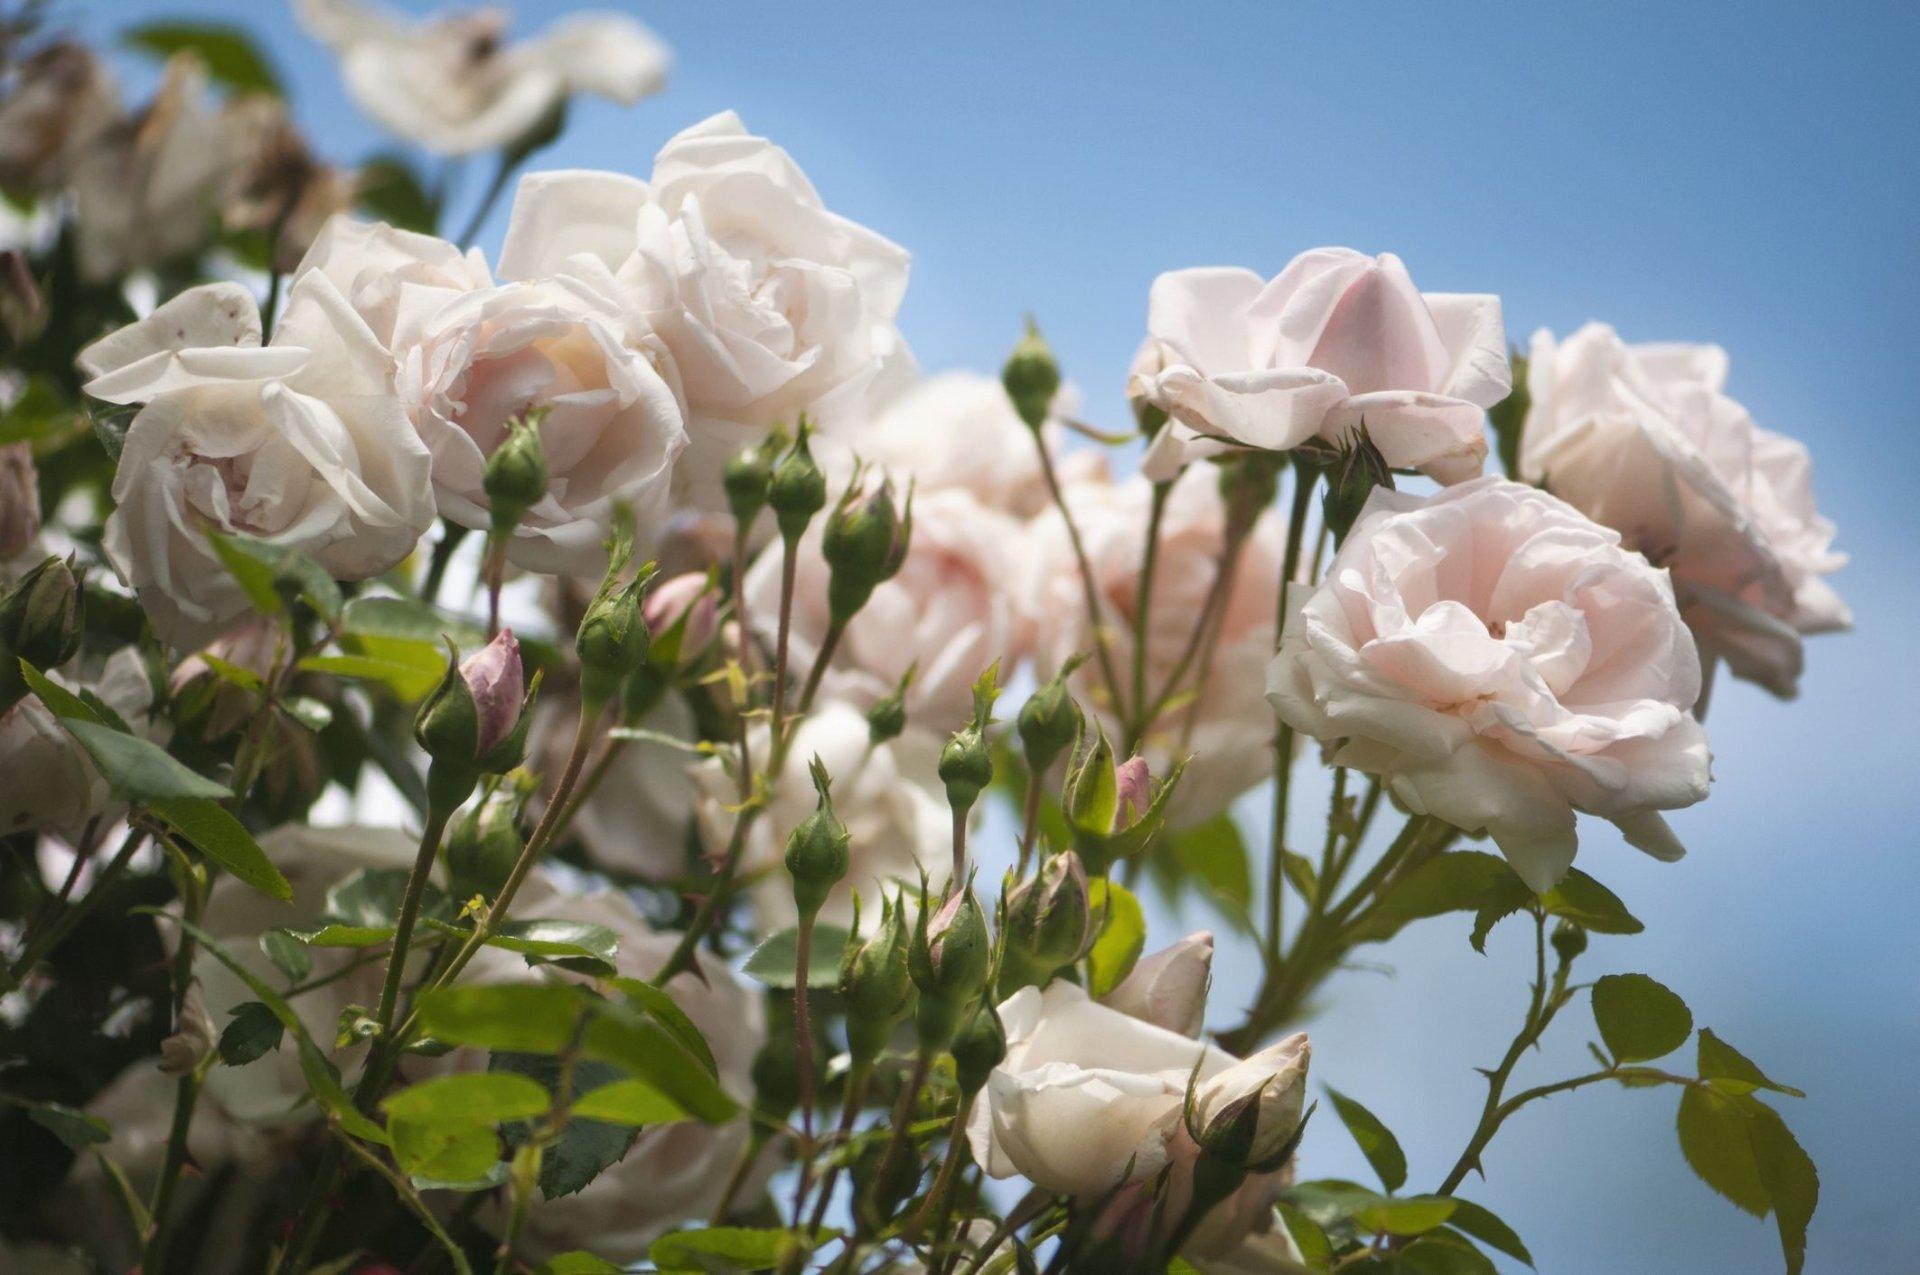 Tuyển tập hình ảnh hoa hồng trắng đẹp đầy ý nghĩa số 9